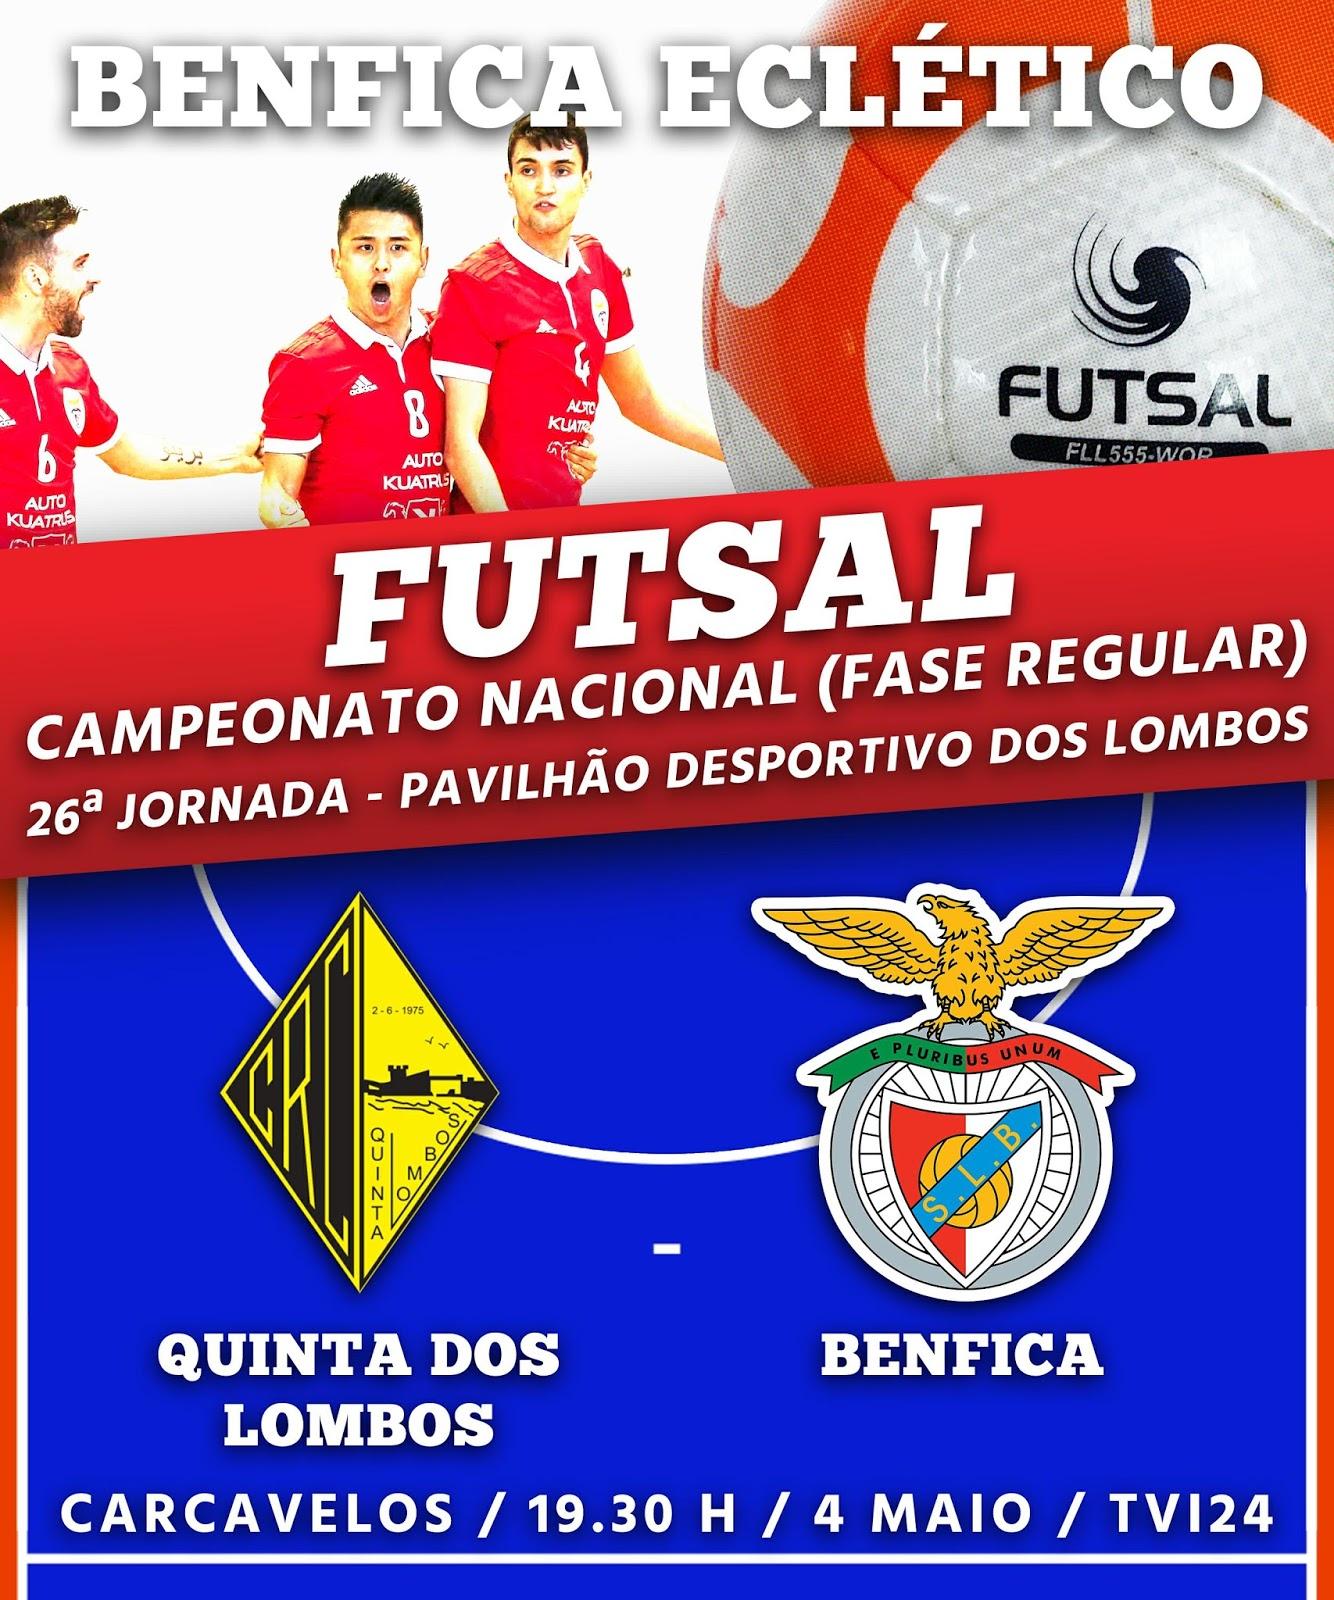 Benfica Eclético  Porque o SL Benfica não é só Futebol... 5a4f34544755e